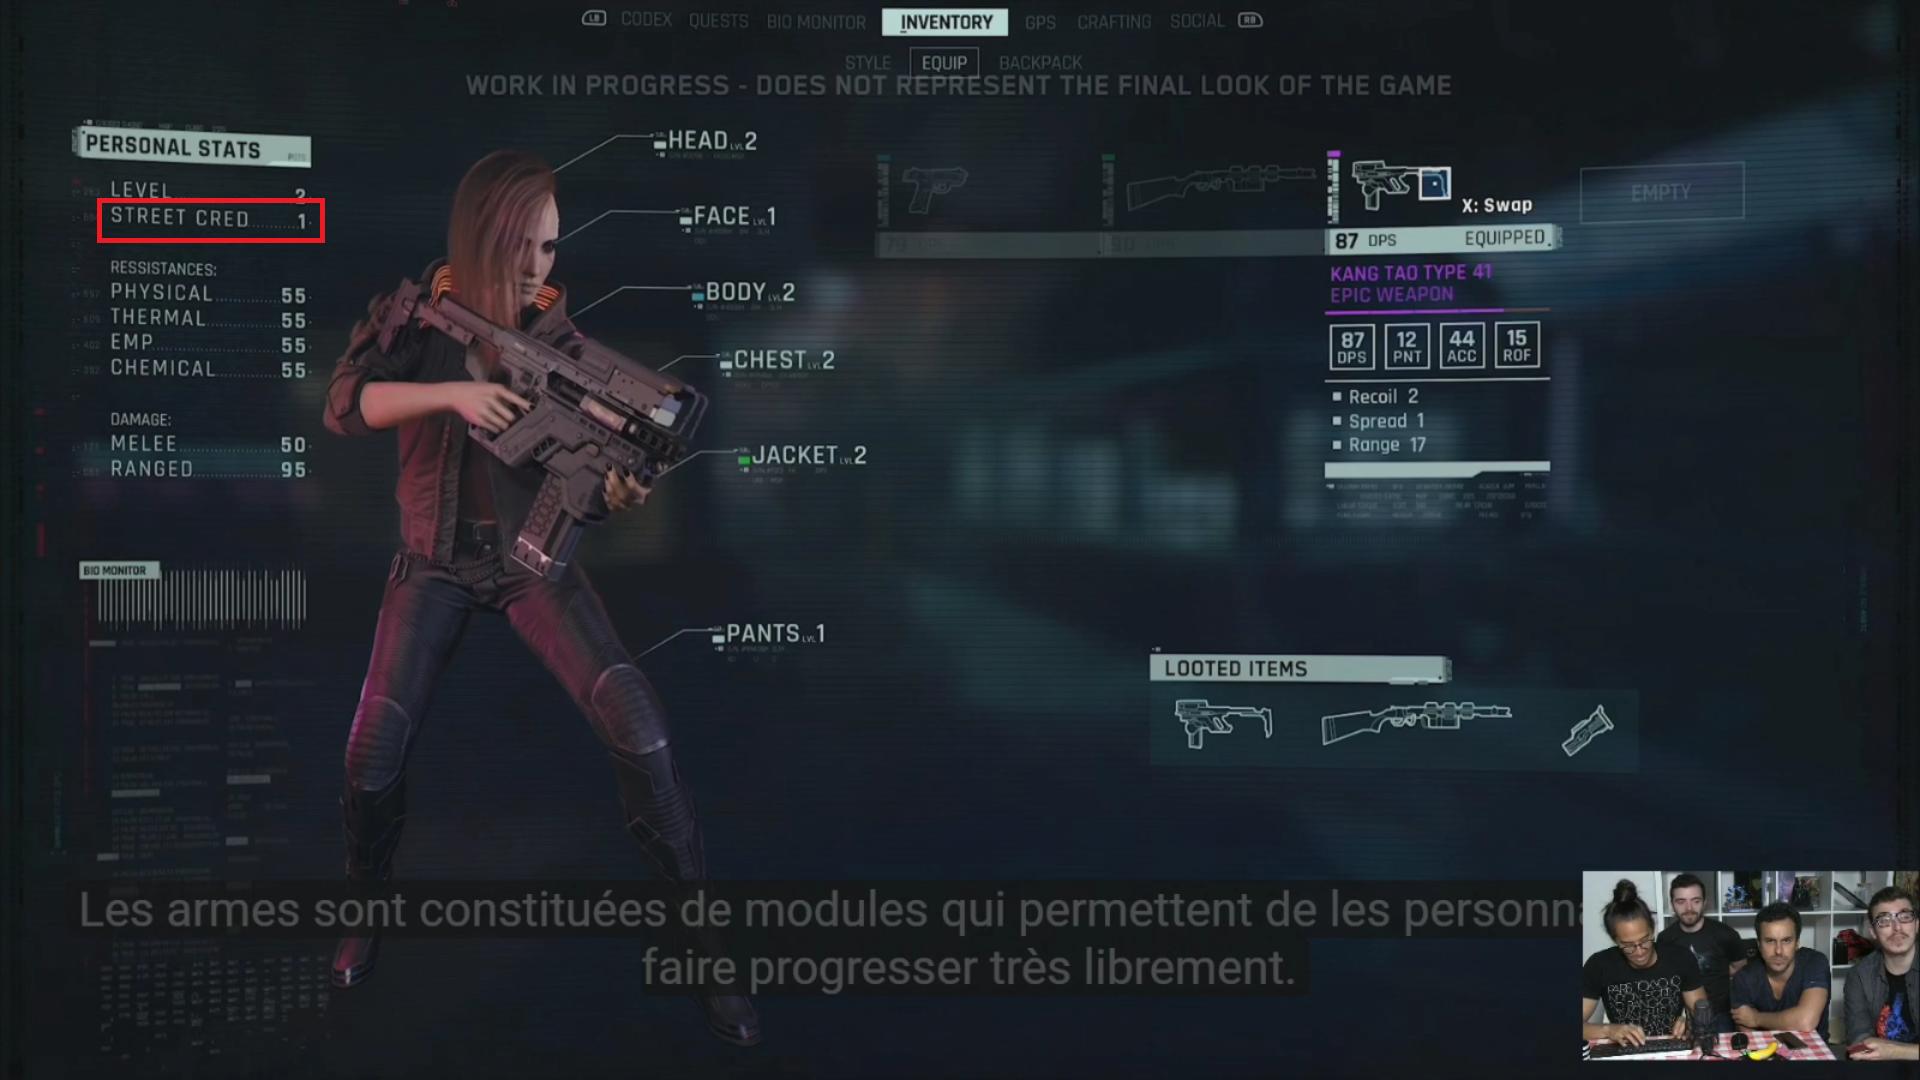 Cyberpunk 2077 En Live Sur Twitch Sur Le Forum Blabla 18 25 Ans 27